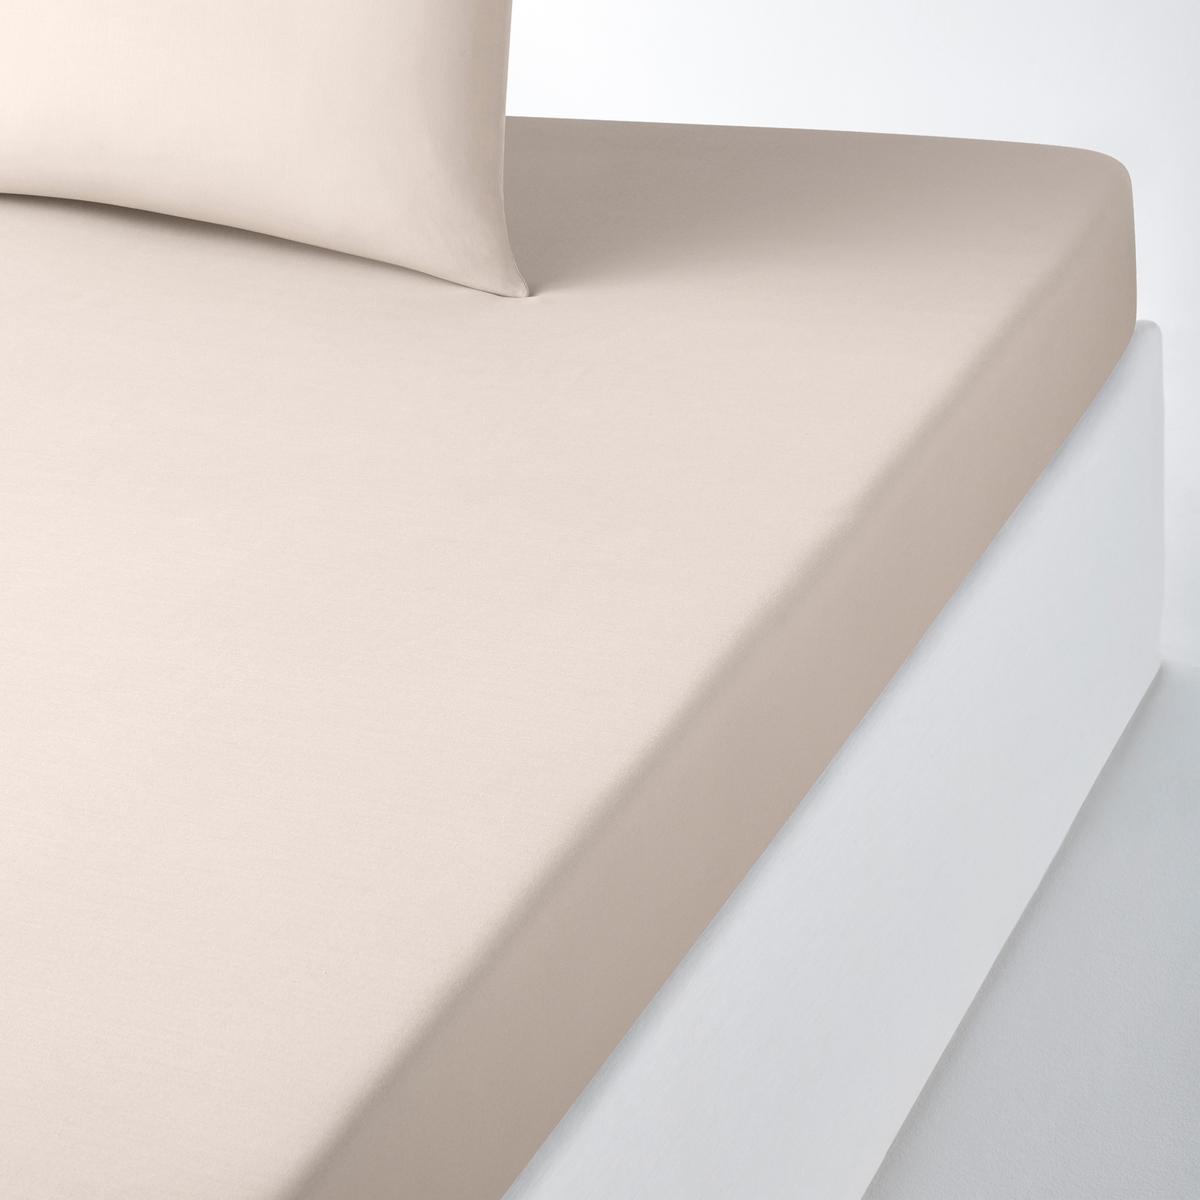 Простыня натяжная из полихлопка на стандартный матрасНатяжная простыня из полихлопка, 50 % хлопка, 50 % полиэстера, ткань с плотным переплетением нитей, ультранежная и плотная. 25-сантиметровый клапан (для матрасов шириной до 23 см). Яркая гамма цветов позволяет создать оригинальный комплект помтельного белья SCENARIO.Плотное плетение нитей ткани: 57 нитей/см?. Чем больше нитей/см?, тем выше качество материала.Превосходная стойкость цвета при стирке 60°. Быстро сохнет, не нужно гладить.Производство осуществляется с учетом стандартов по защите окружающей среды и здоровья человека, что подтверждено сертификатом Oeko-tex®.Натяжная простыня:80=&gt; 80x190 см: 1-сп.90=&gt; 90x190 см: 1-сп.95=&gt; 90x200 см: 1-сп.120=&gt; 120x190 см: 1-2-сп.140=&gt; 140x190 cм: 2-сп.145=&gt; 140x200 см: 2-сп.160=&gt; 160x200 см: 2-сп.180=&gt; 180x200 см: ?2-сп.Ищите комплект постельного белья SC?NARIO на нашем сайте.<br><br>Цвет: антрацит,белый,бледный сине-зеленый,бордовый,вишневый,голубой бирюзовый,желтый горчичный,желтый солнечный,зеленый,нежно-розовый,розовое дерево,розовый,светло-бежевый,серо-коричневый каштан,Серо-синий,серый жемчужный,сине-зеленый,смородиновый,фиолетовый,че<br>Размер: 140 x 200  см.140 x 200  см.90 x 190  см.140 x 200  см.90 x 200  см.90 x 190  см.160 x 200  см.80 x 190  см.90 x 200  см.180 x 200  см.90 x 200  см.120 x 190  см.120 x 190  см.140 x 200  см.180 x 200  см.90 x 200  см.80 x 190  см.90 x 190  см.90 x 200  см.160 x 200  см.160 x 200  см.140 x 200  см.90 x 190  см.180 x 200  см.140 x 200  см.80 x 190  см.160 x 200  см.90 x 200  см.160 x 200  см.140 x 190  см.140 x 190  см.120 x 190  см.140 x 190  см.180 x 200  см.80 x 190  см